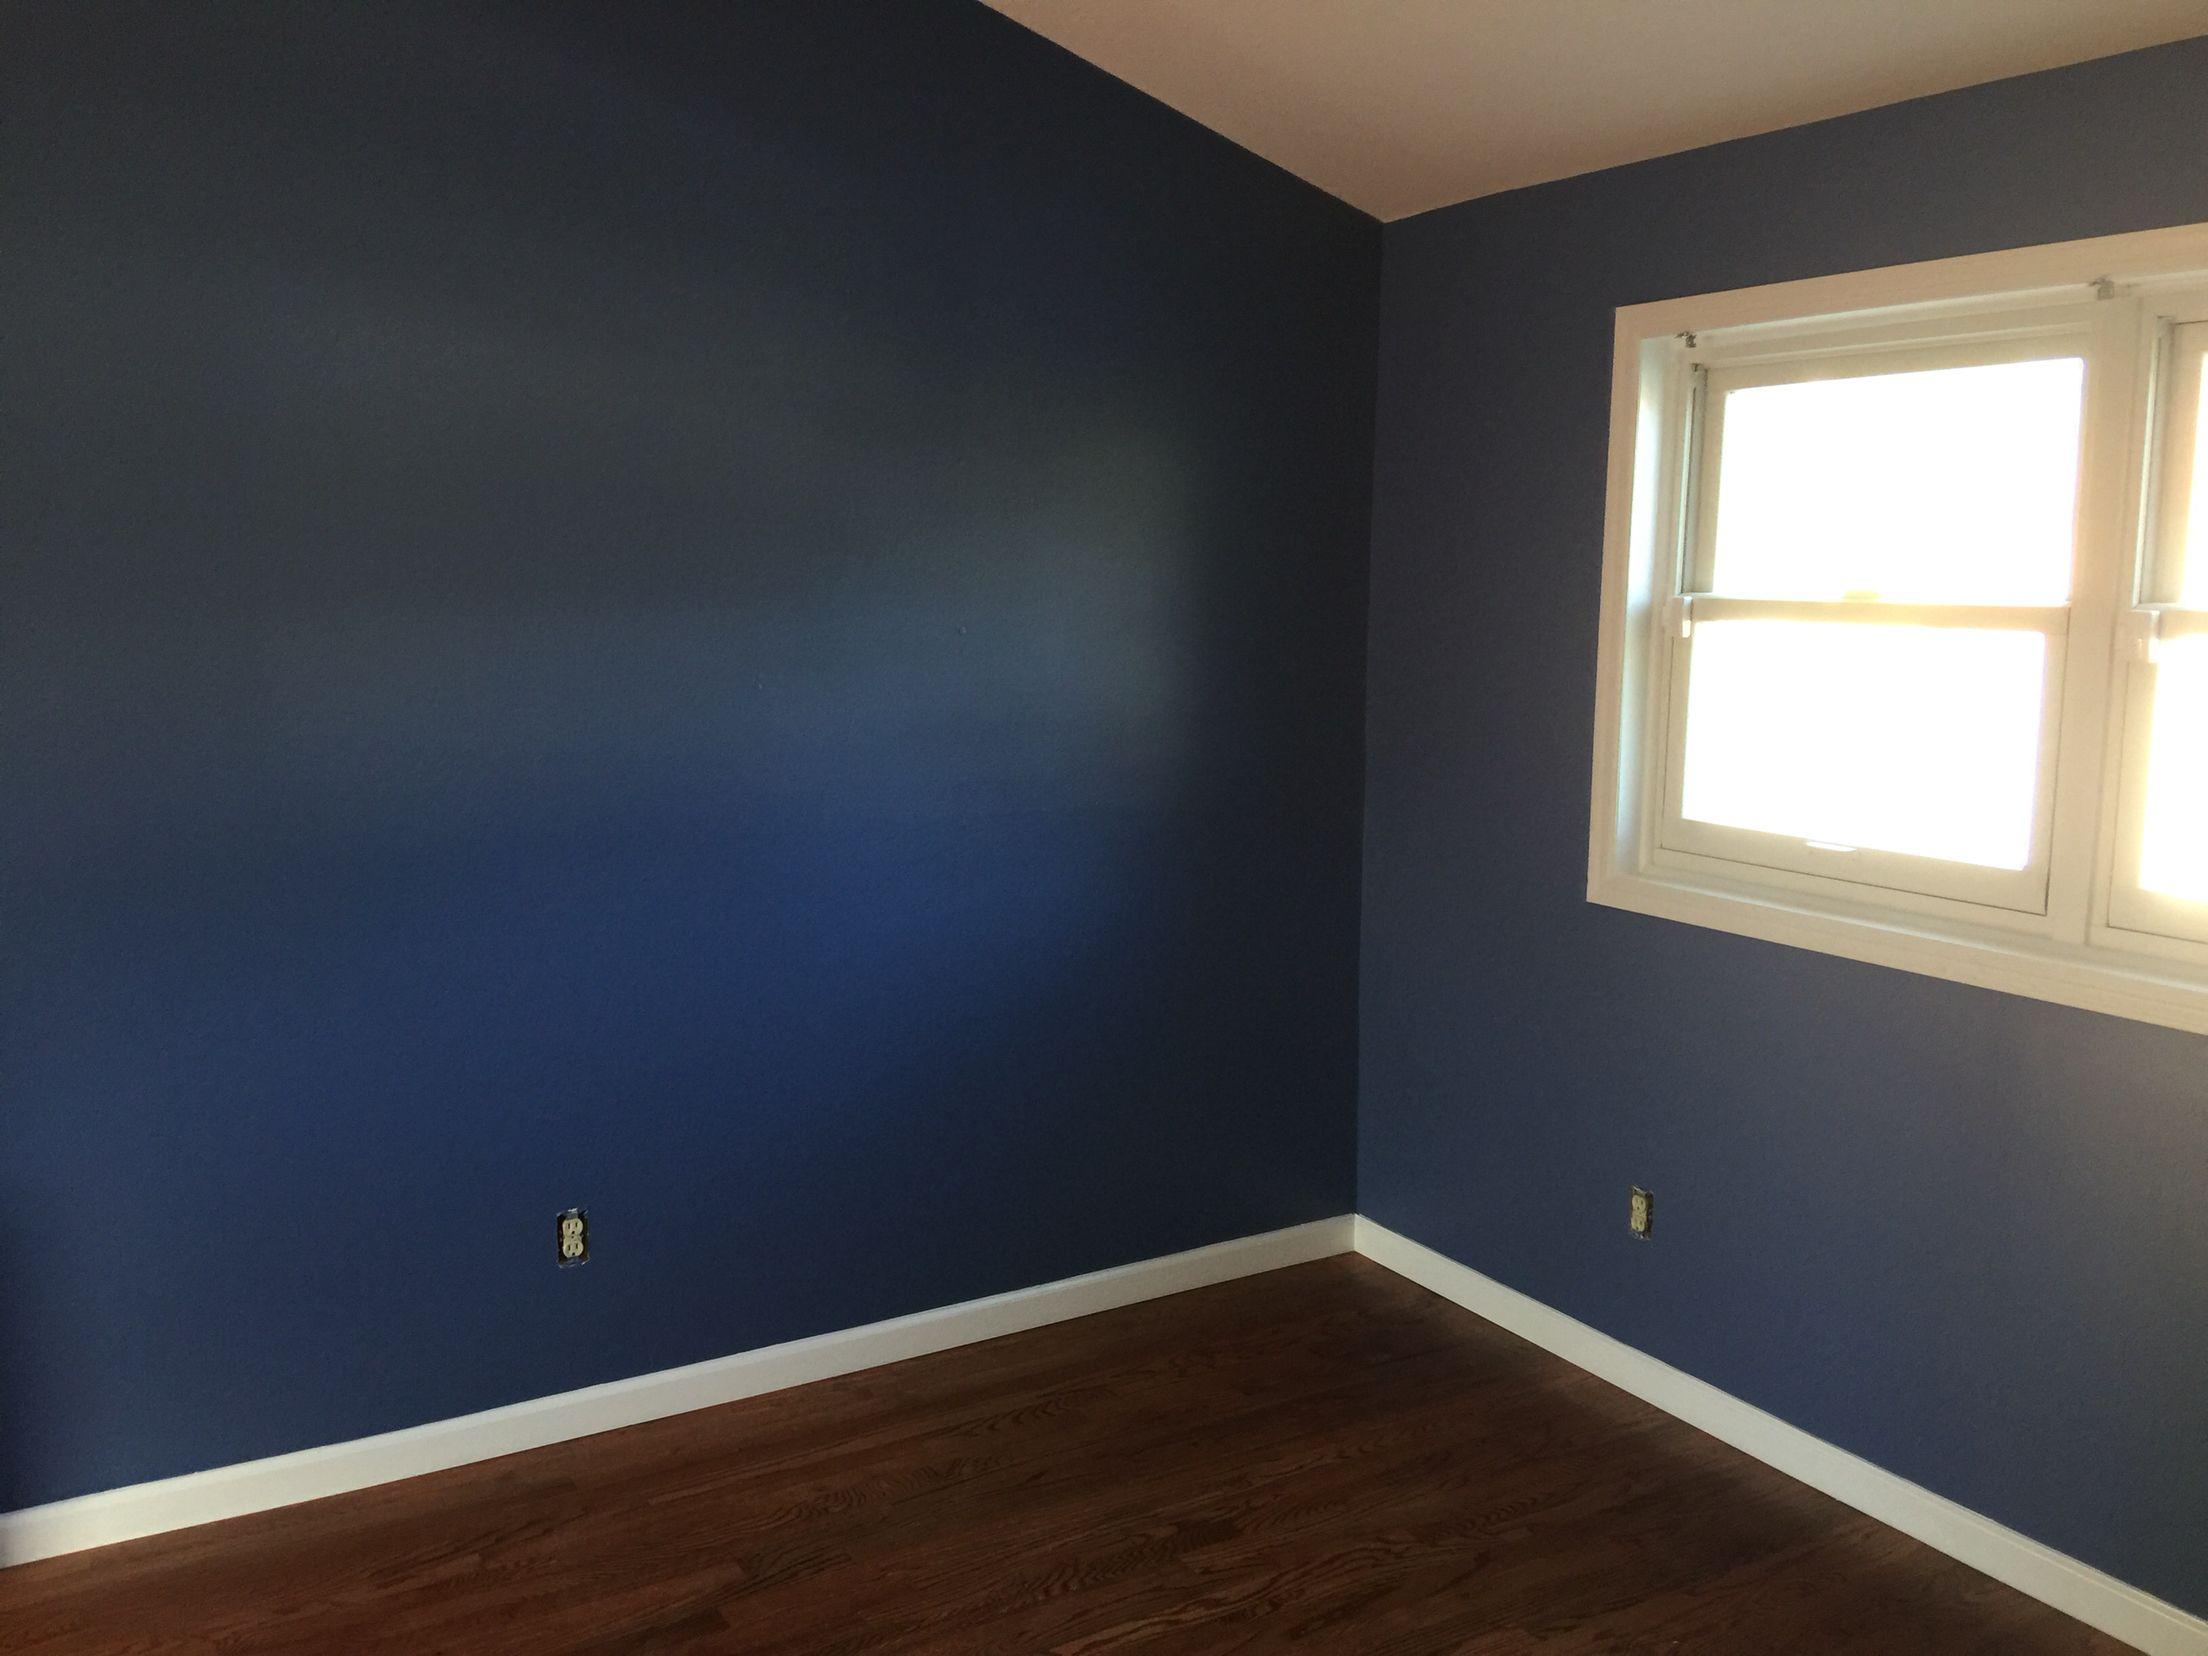 My house wednesday inspiration benjamin moore quot gentleman s gray - Color Benjamin Moore 825 Blue Nova